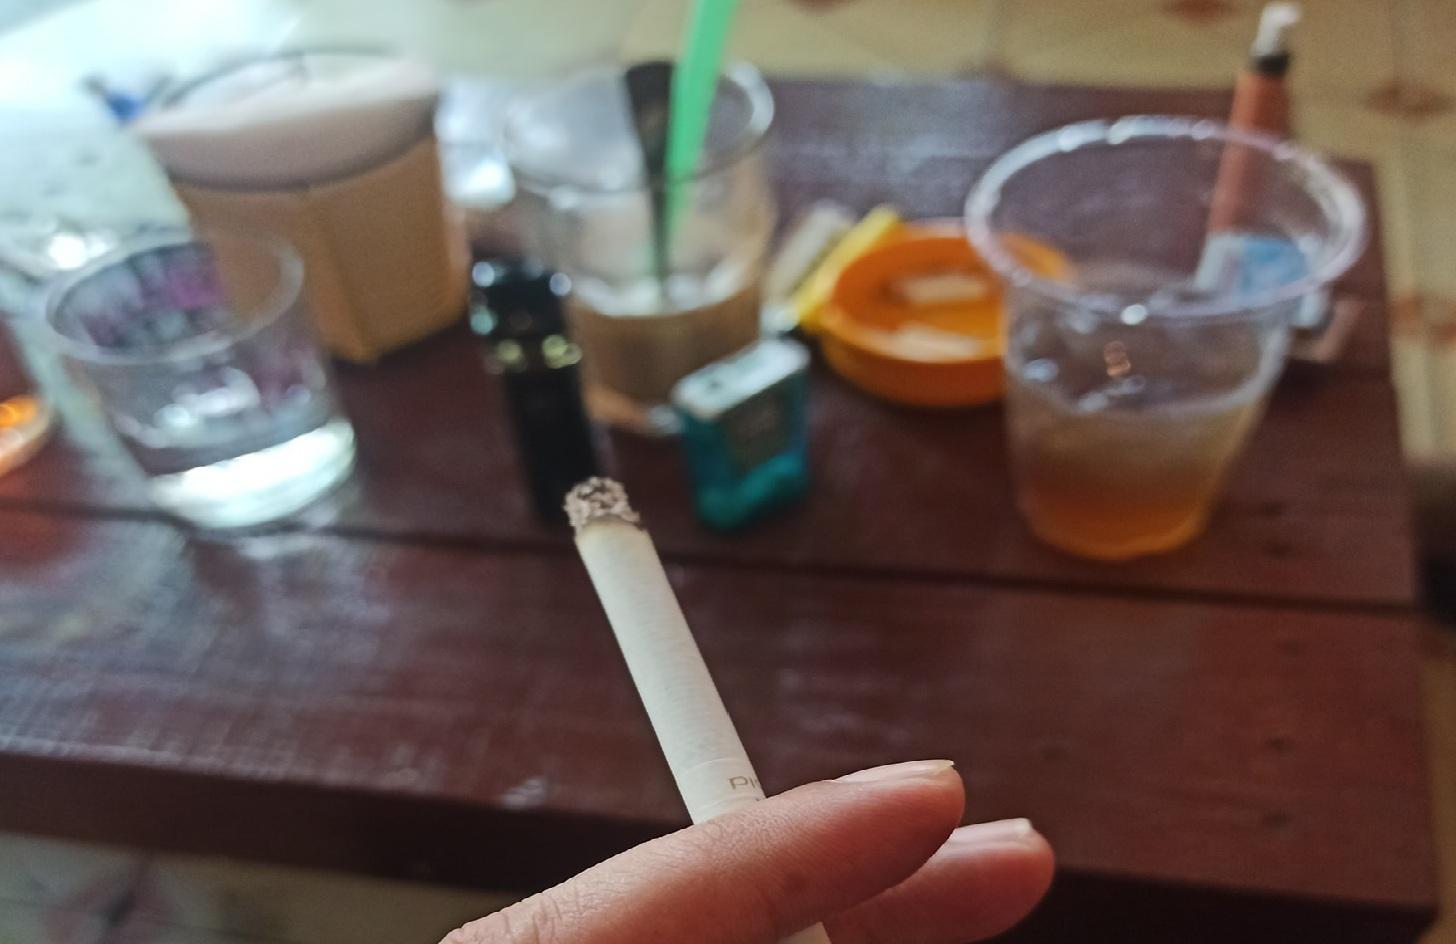 Tăng mức phạt người hút thuốc lá tại địa điểm cấm